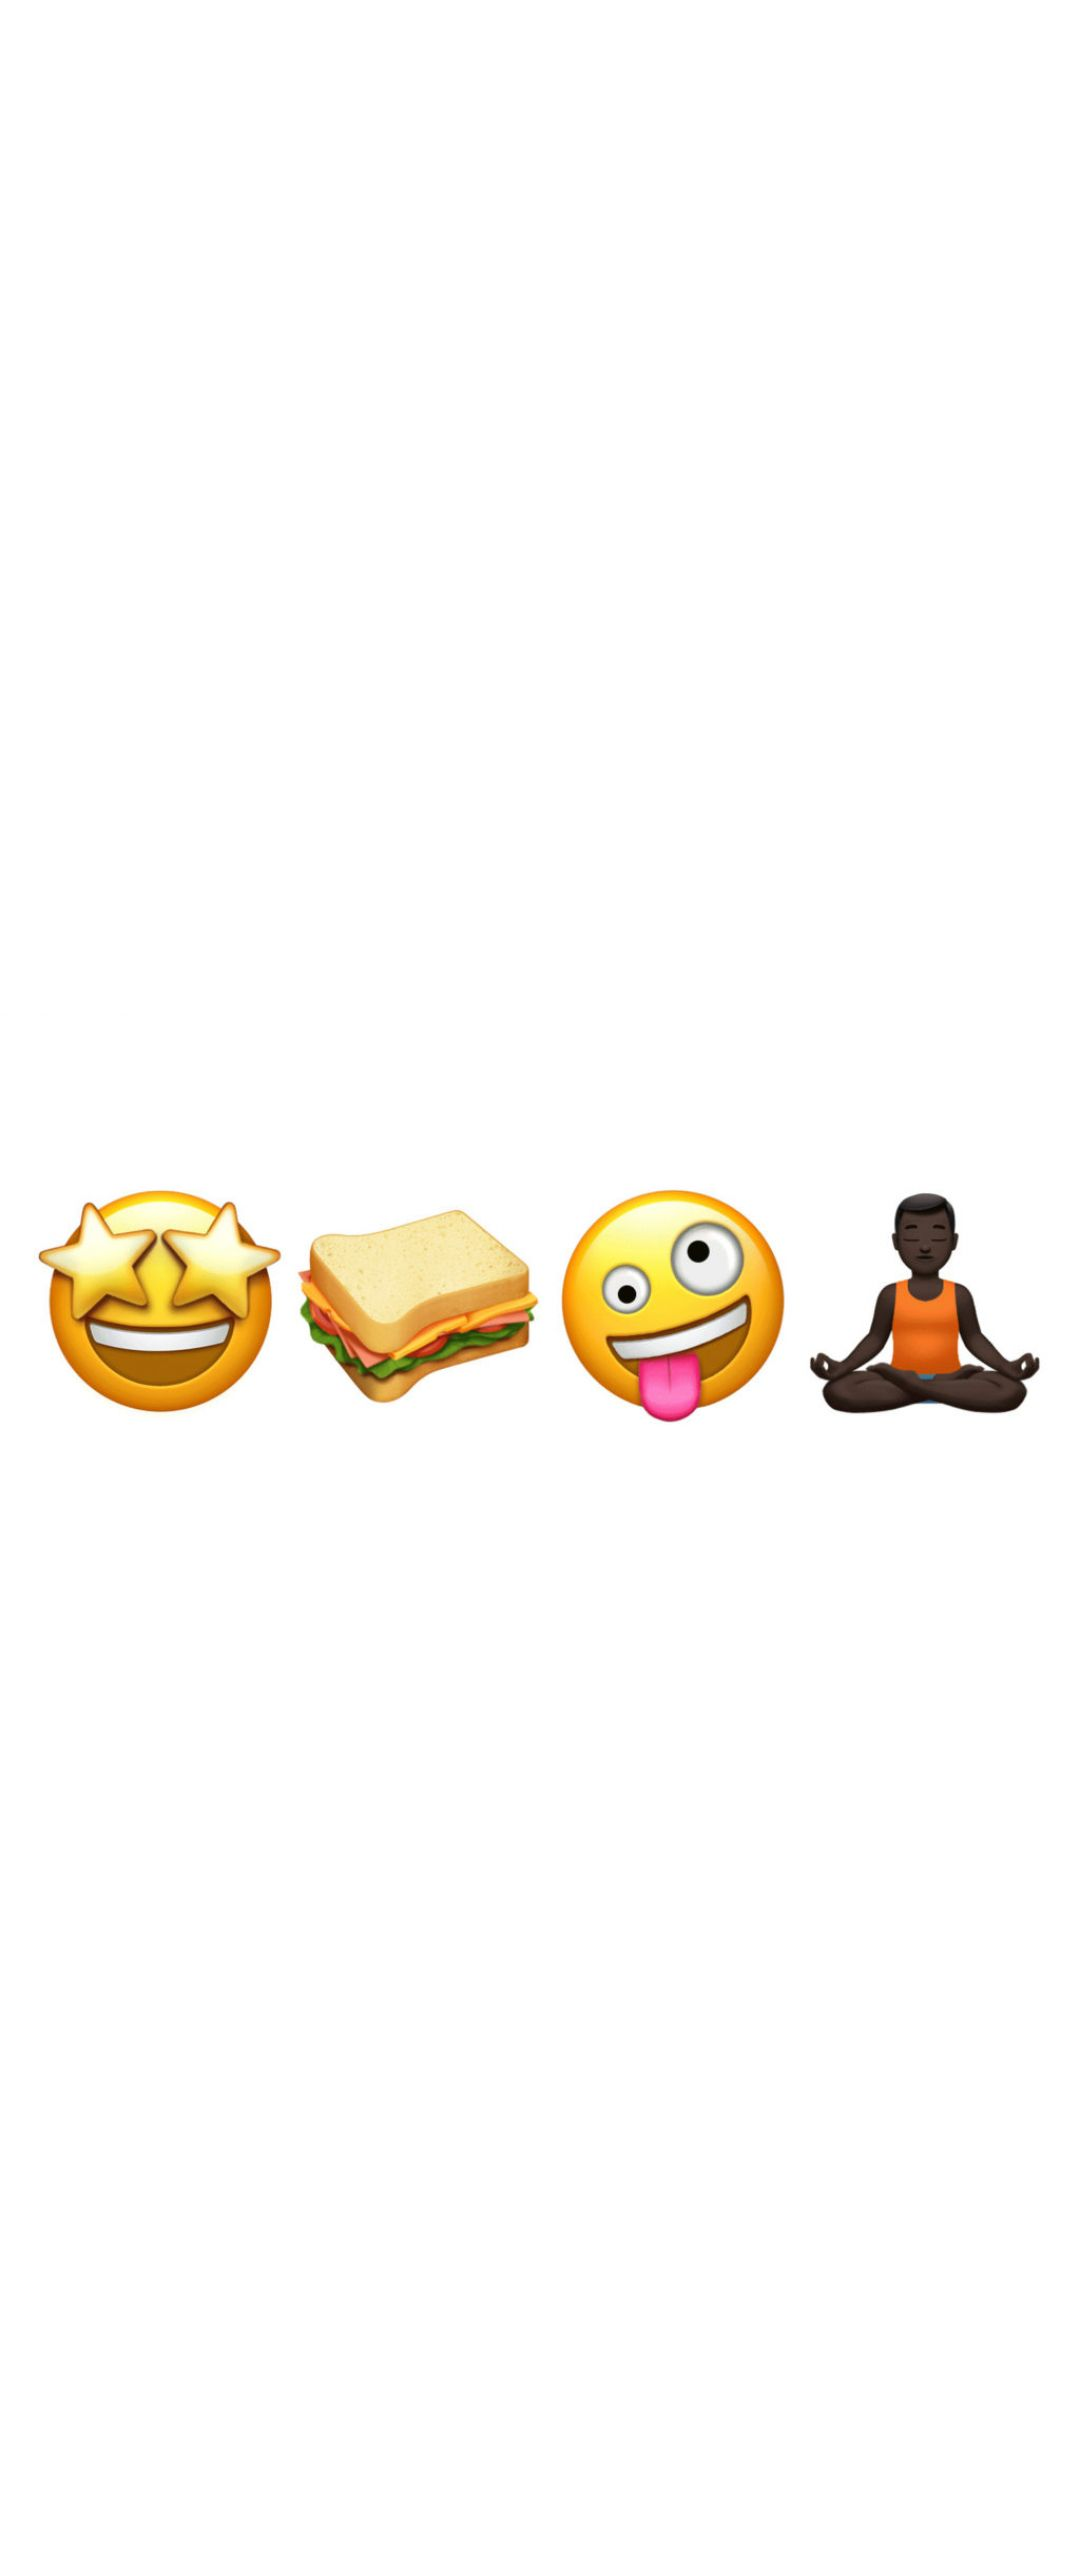 Apple muestra nuevos emojis que lanzará para iOS